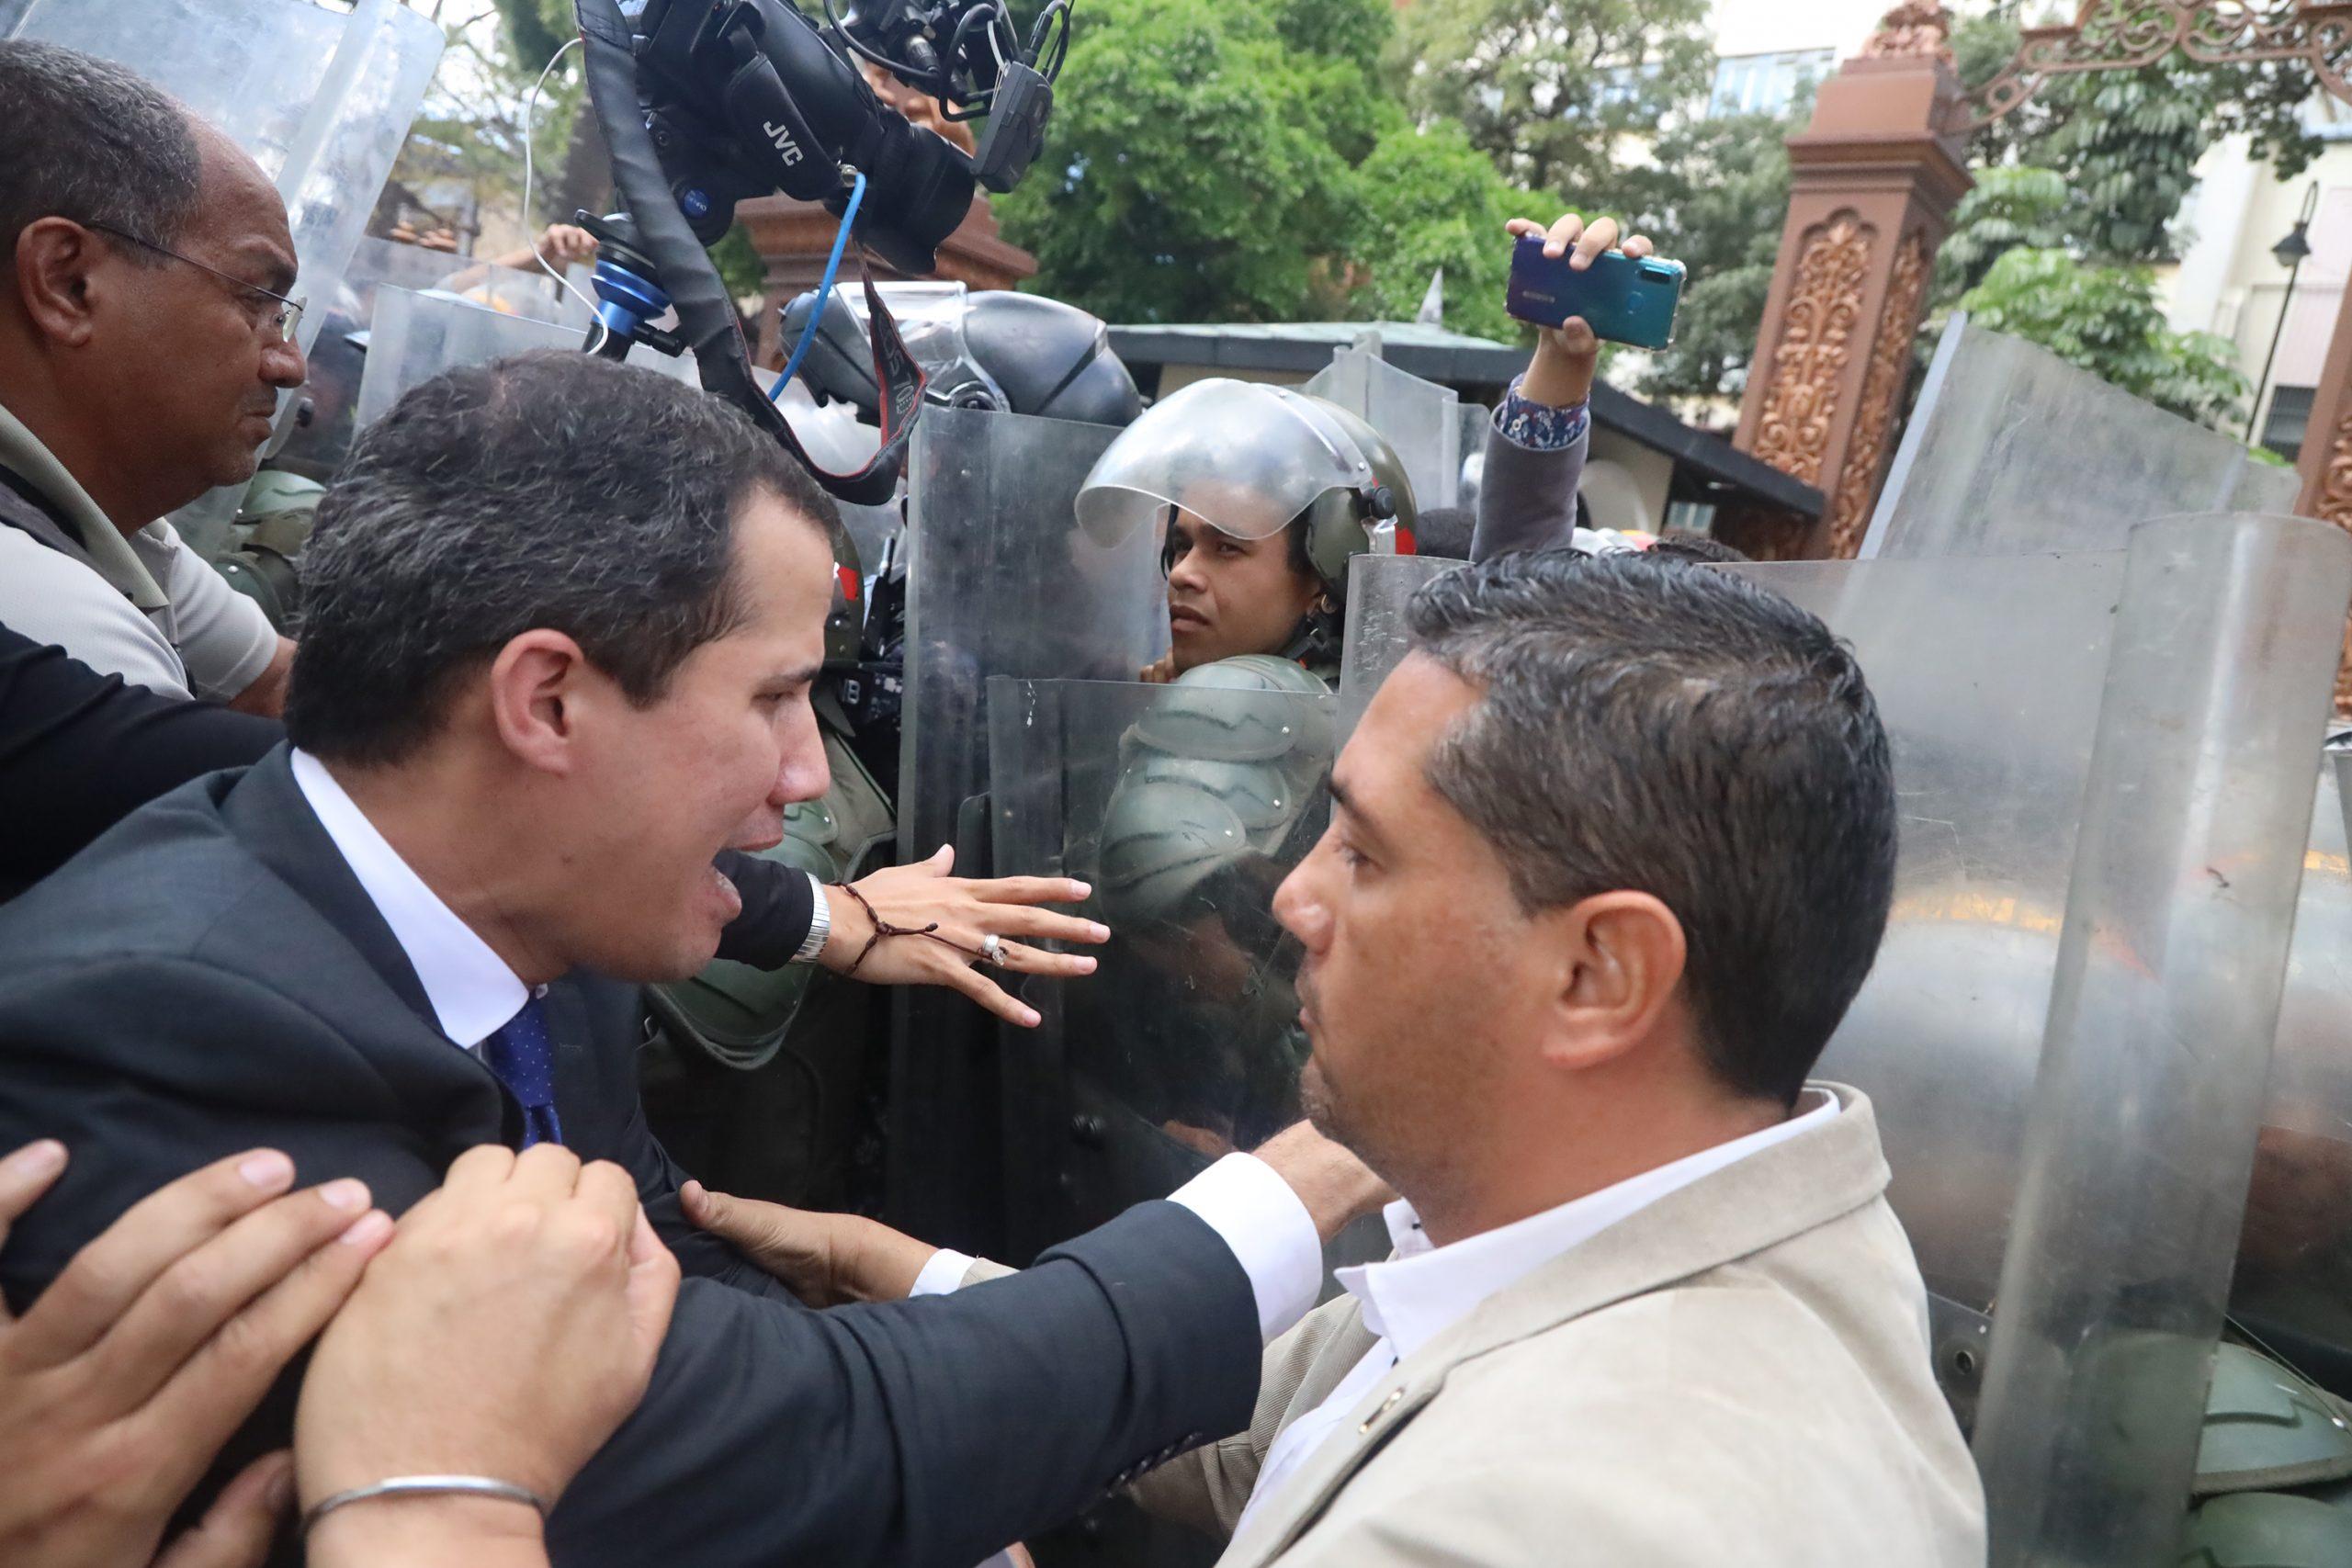 Elecciones en Venezuela 2020: Entre acusaciones de fraude, rechazo internacional y sin oposición